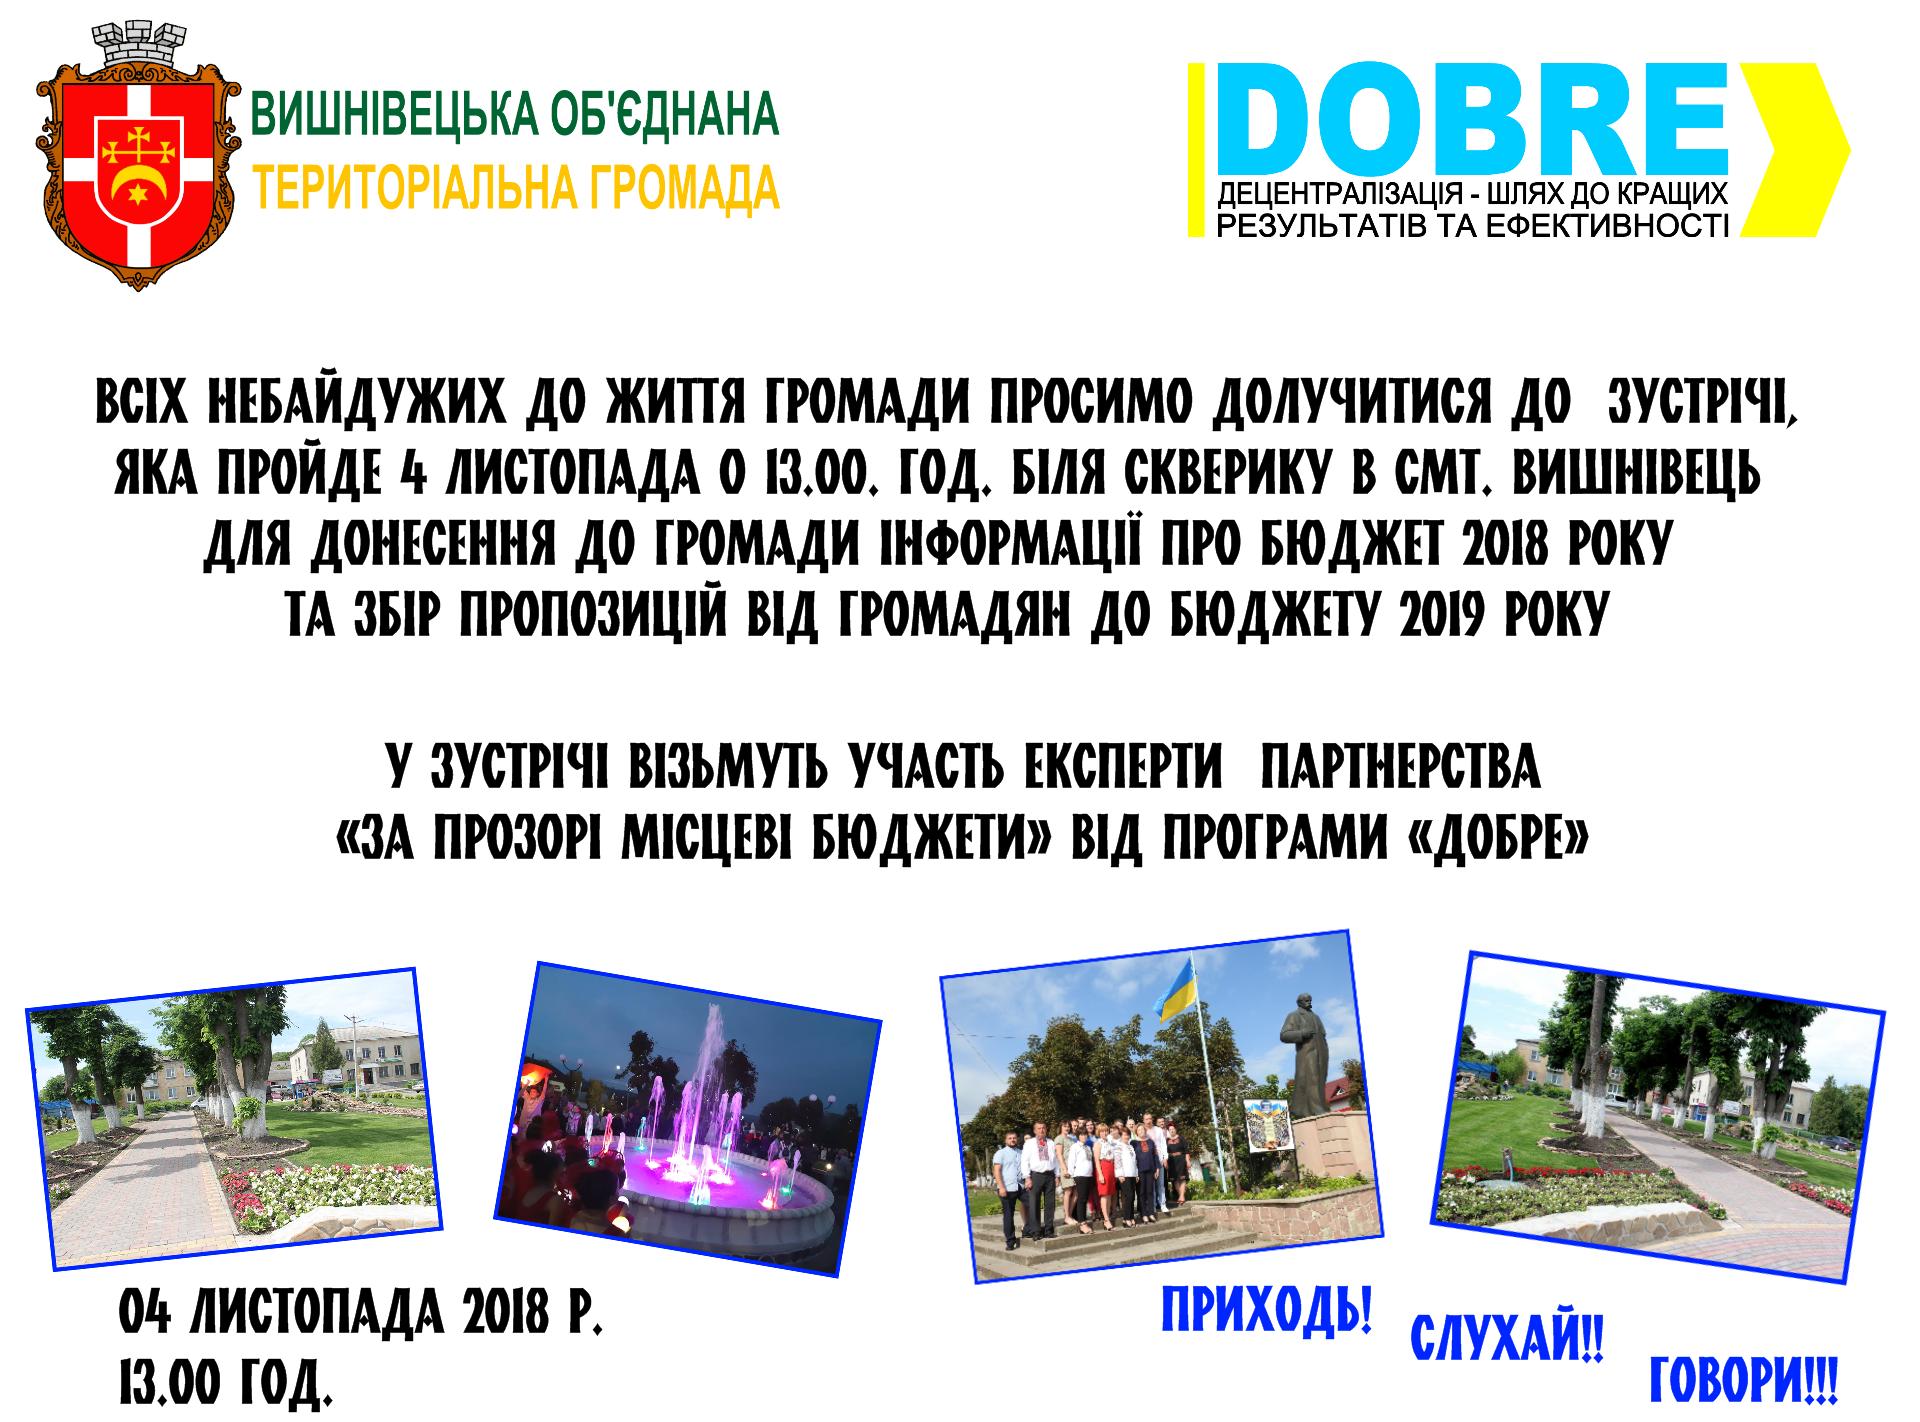 лідери ДОБРЕ (2)34